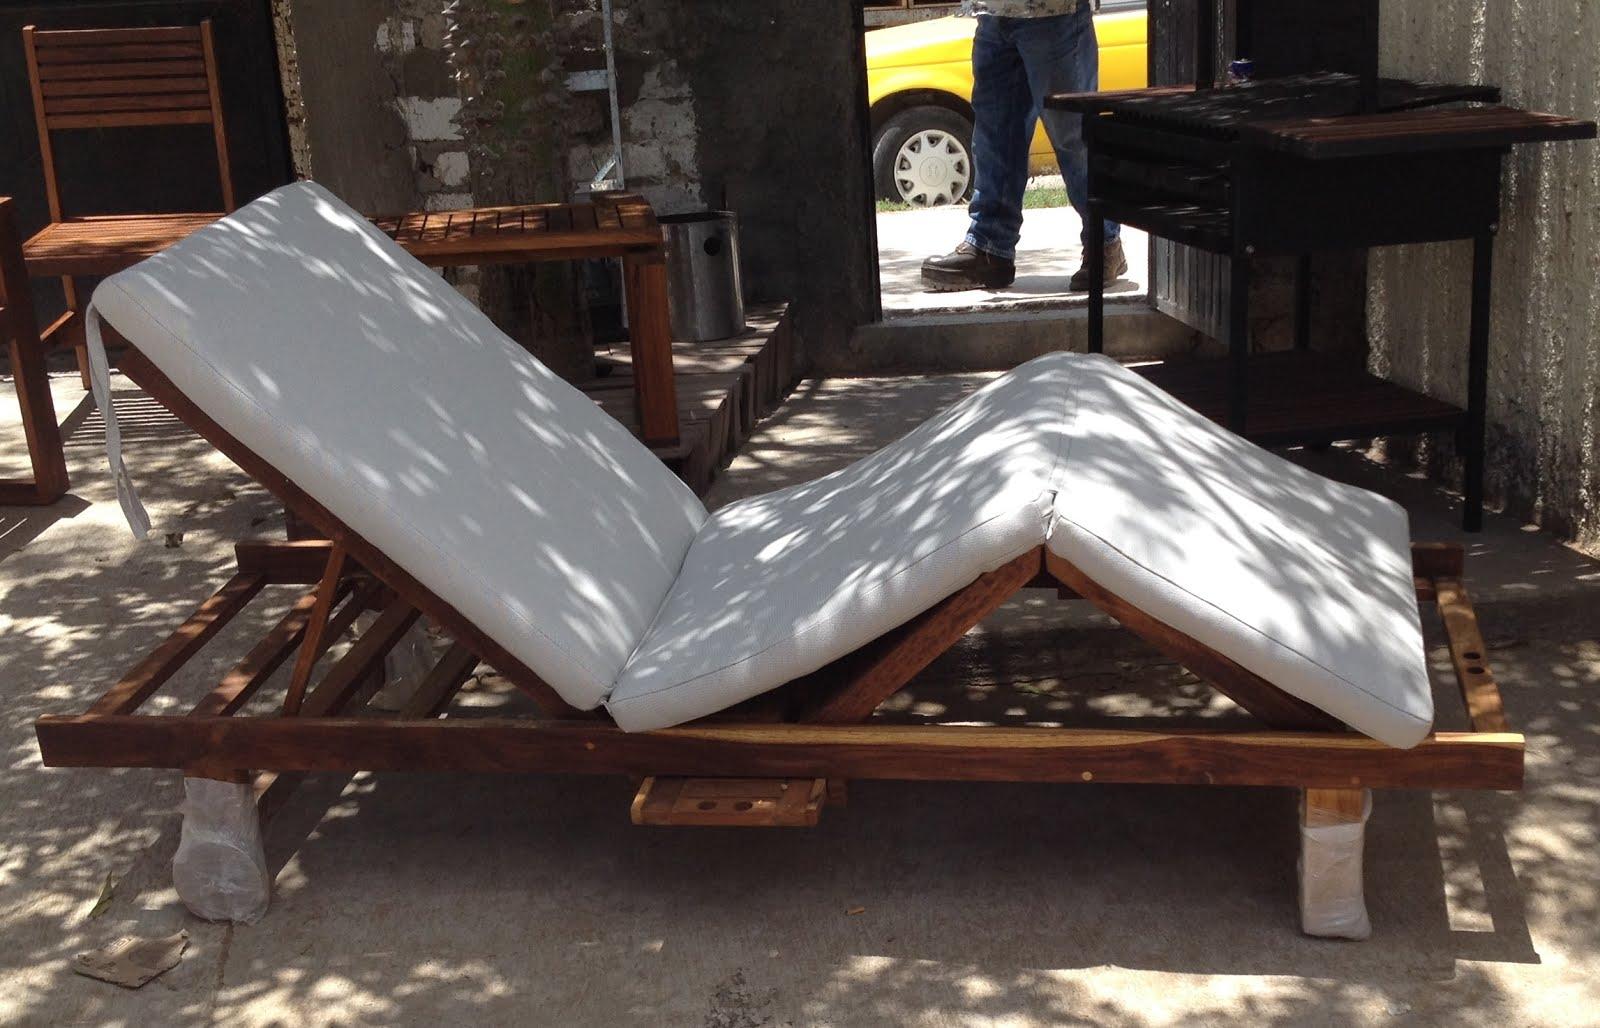 Arkydeck dise o de mueble para exterior - Mueble de exterior ...